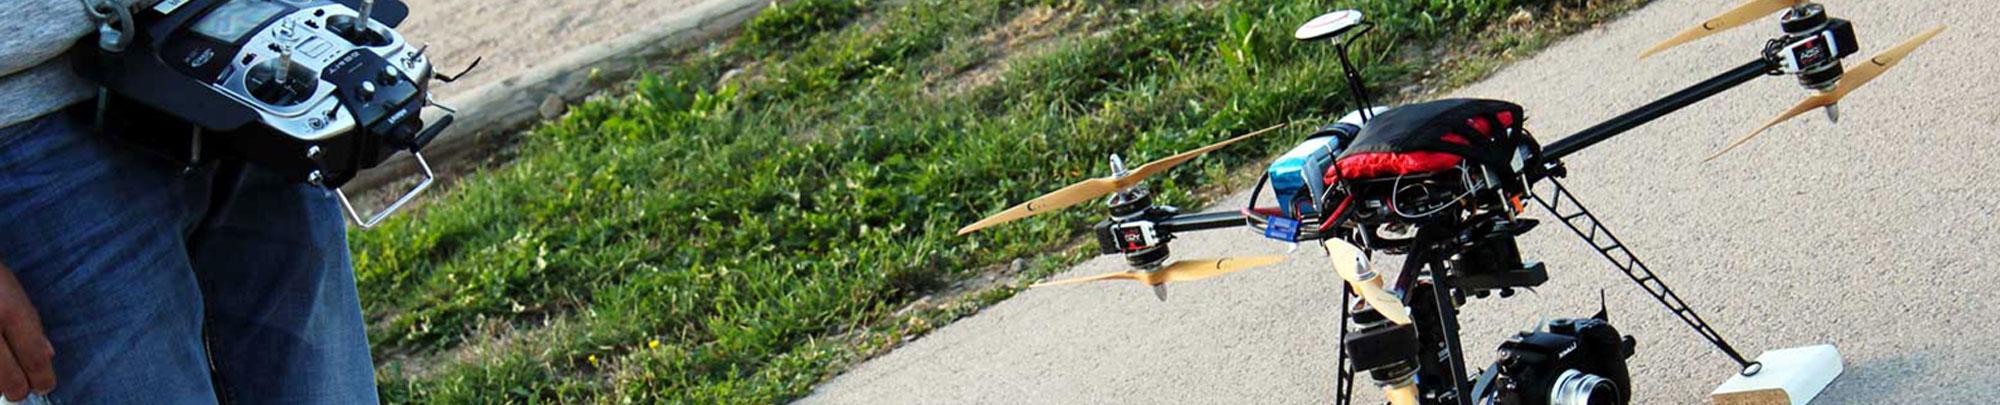 Drone Effect - Bannière notre matériel